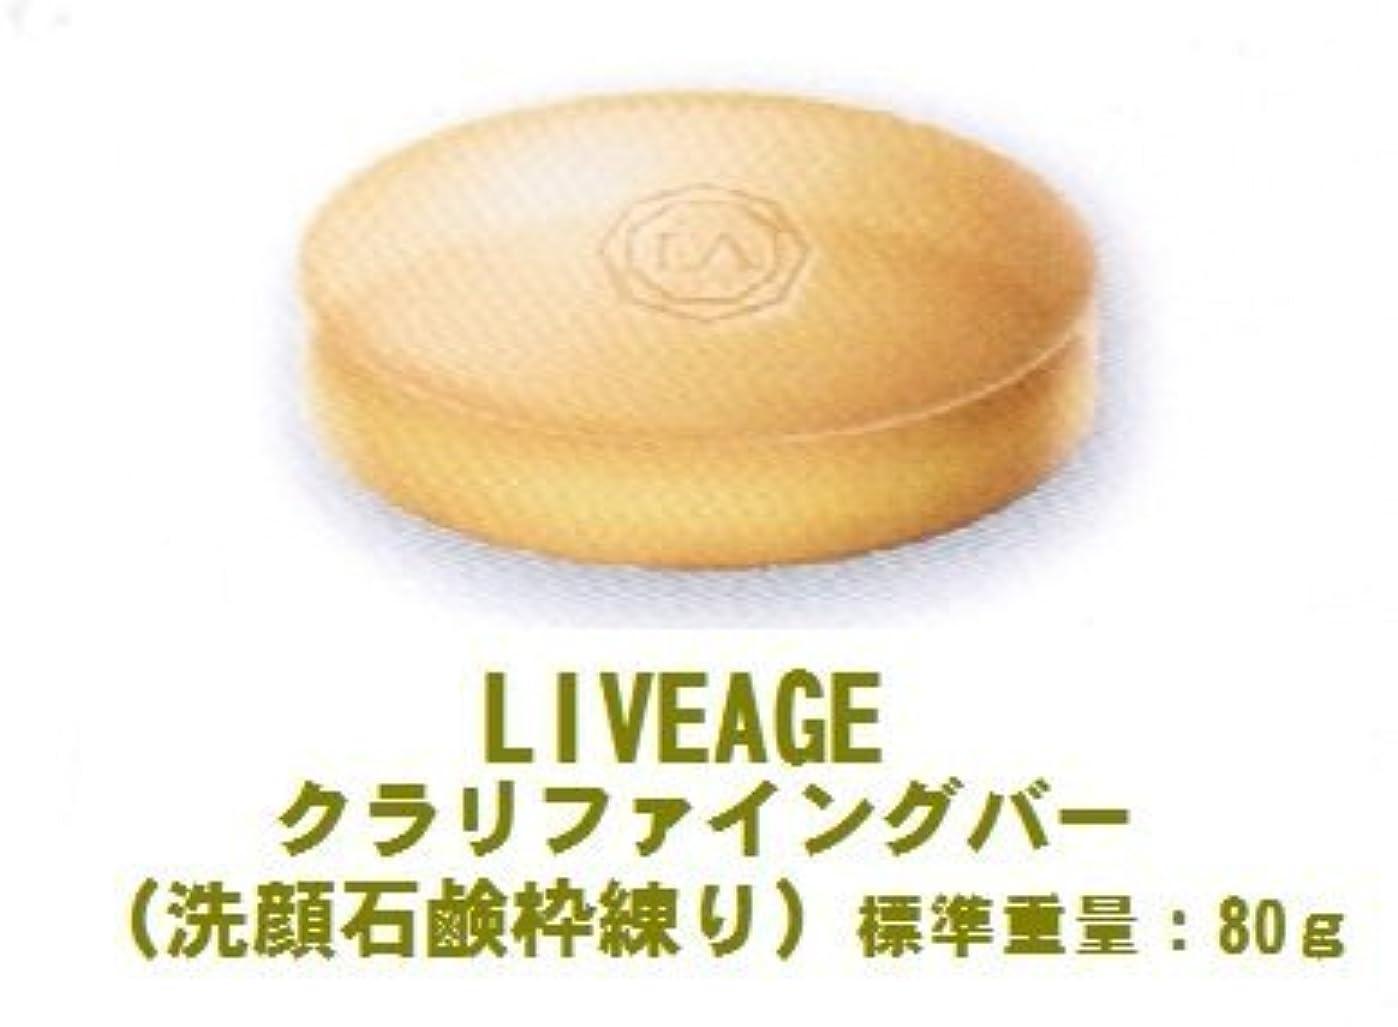 のどベリ縫うLIVEAGE(ライヴァージュ)クラリファイング バー(洗顔石鹸 枠練り)標準重量80g